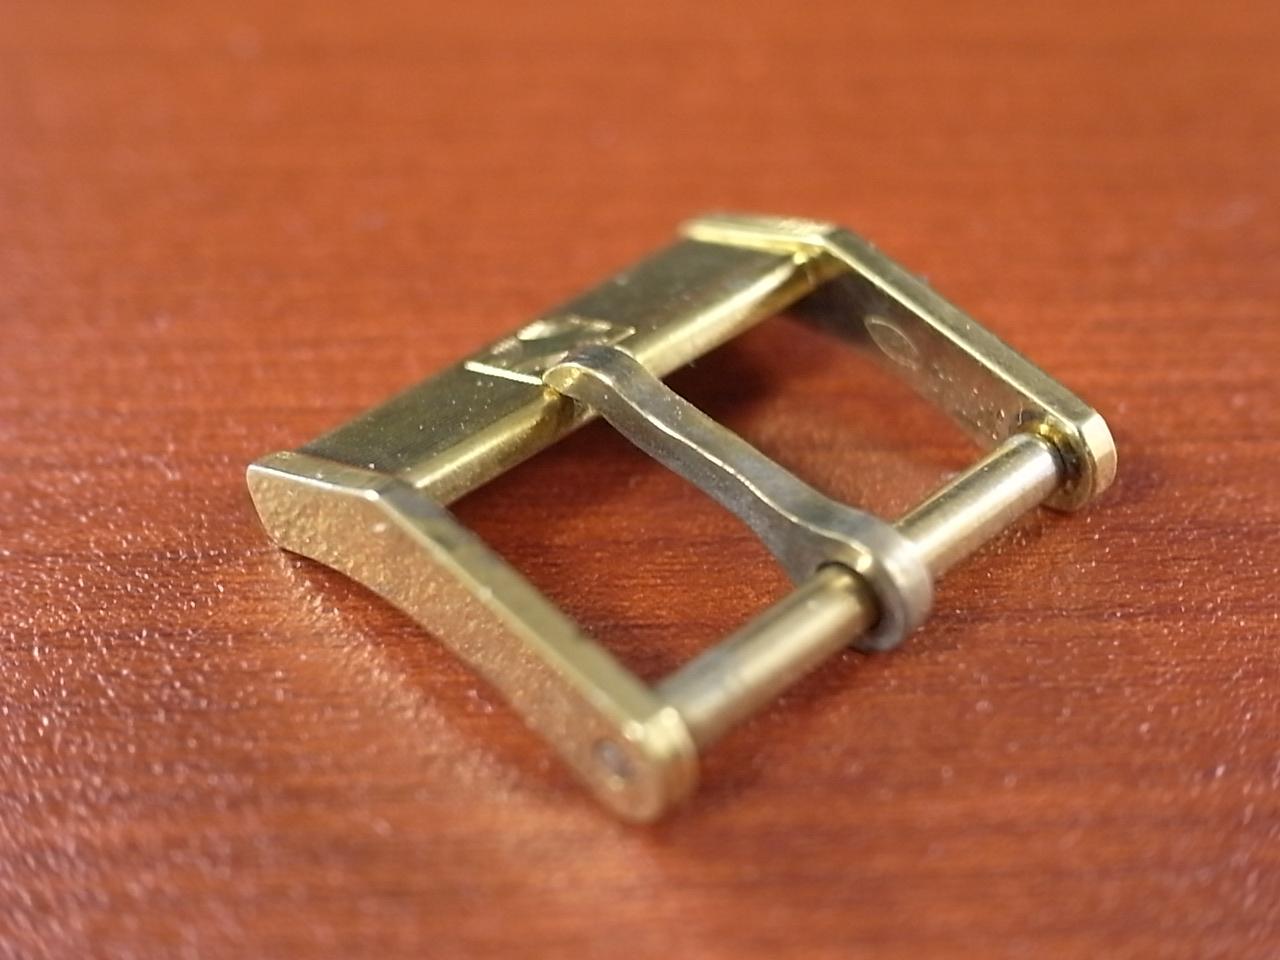 ゼニス アンティーク尾錠 GP 14mm 1960-70年代の写真3枚目